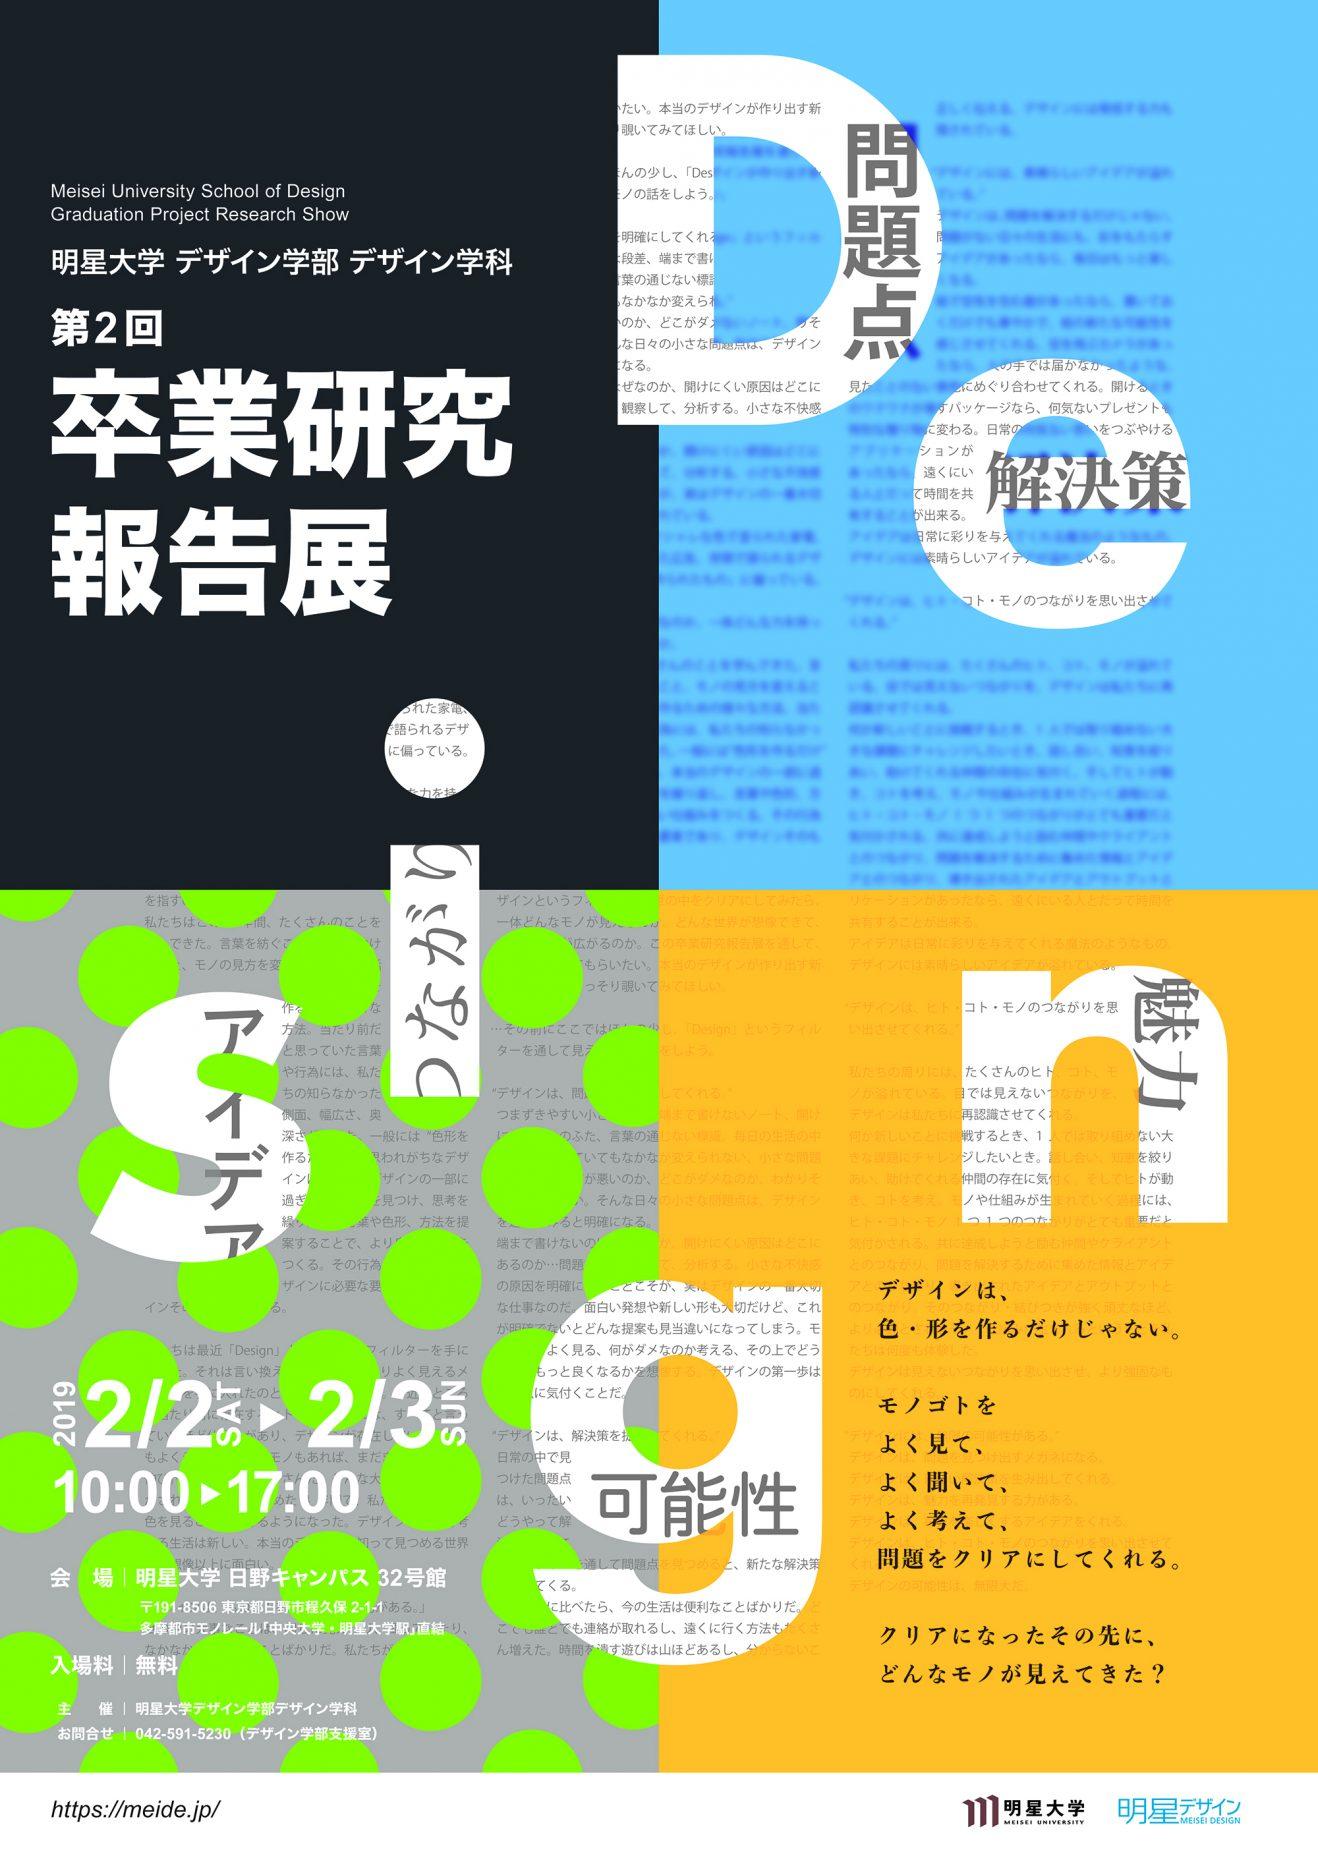 2018年度卒業研究報告展 2月2日(土)・3日(日)開催